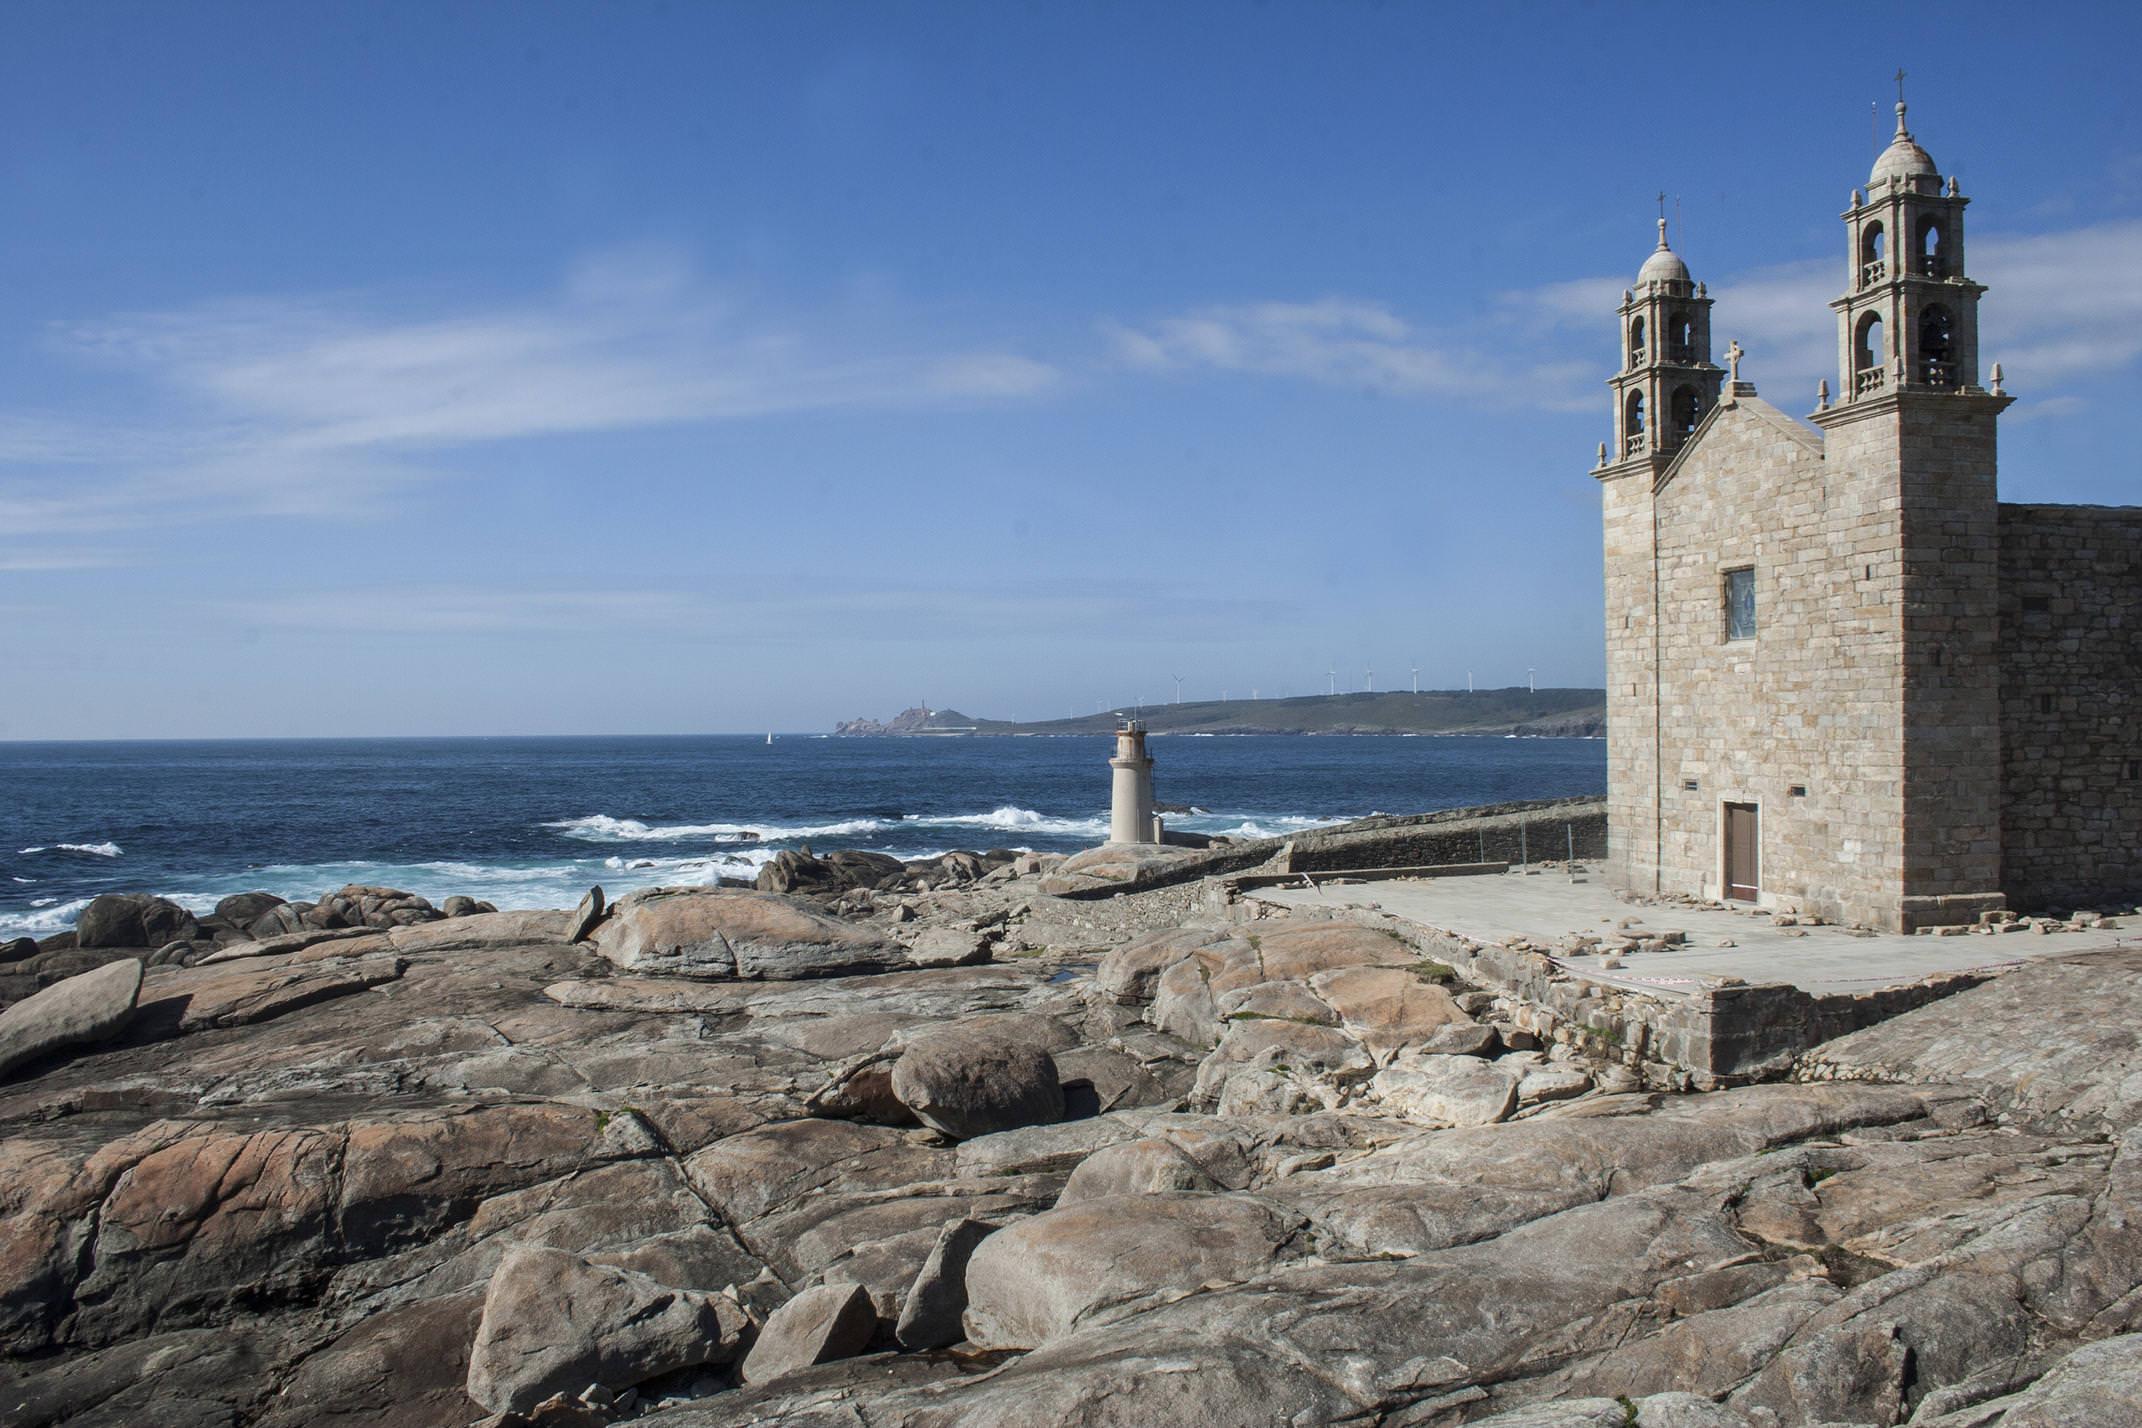 Spain galicia camino costa da morte muxia c dmartin